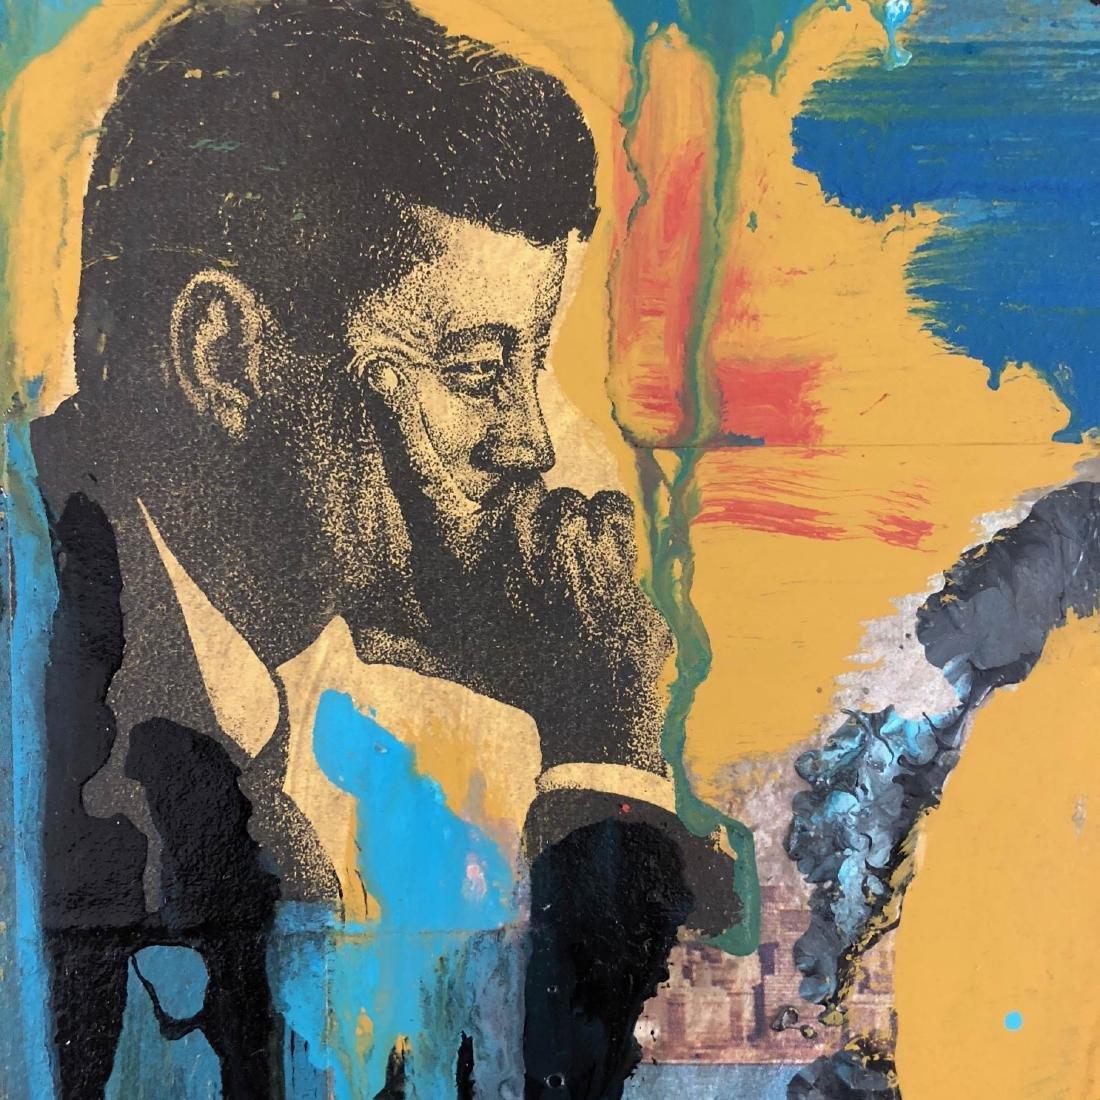 Robert Rauchenberg (American, 1925 - 2008) -- Hand - 3